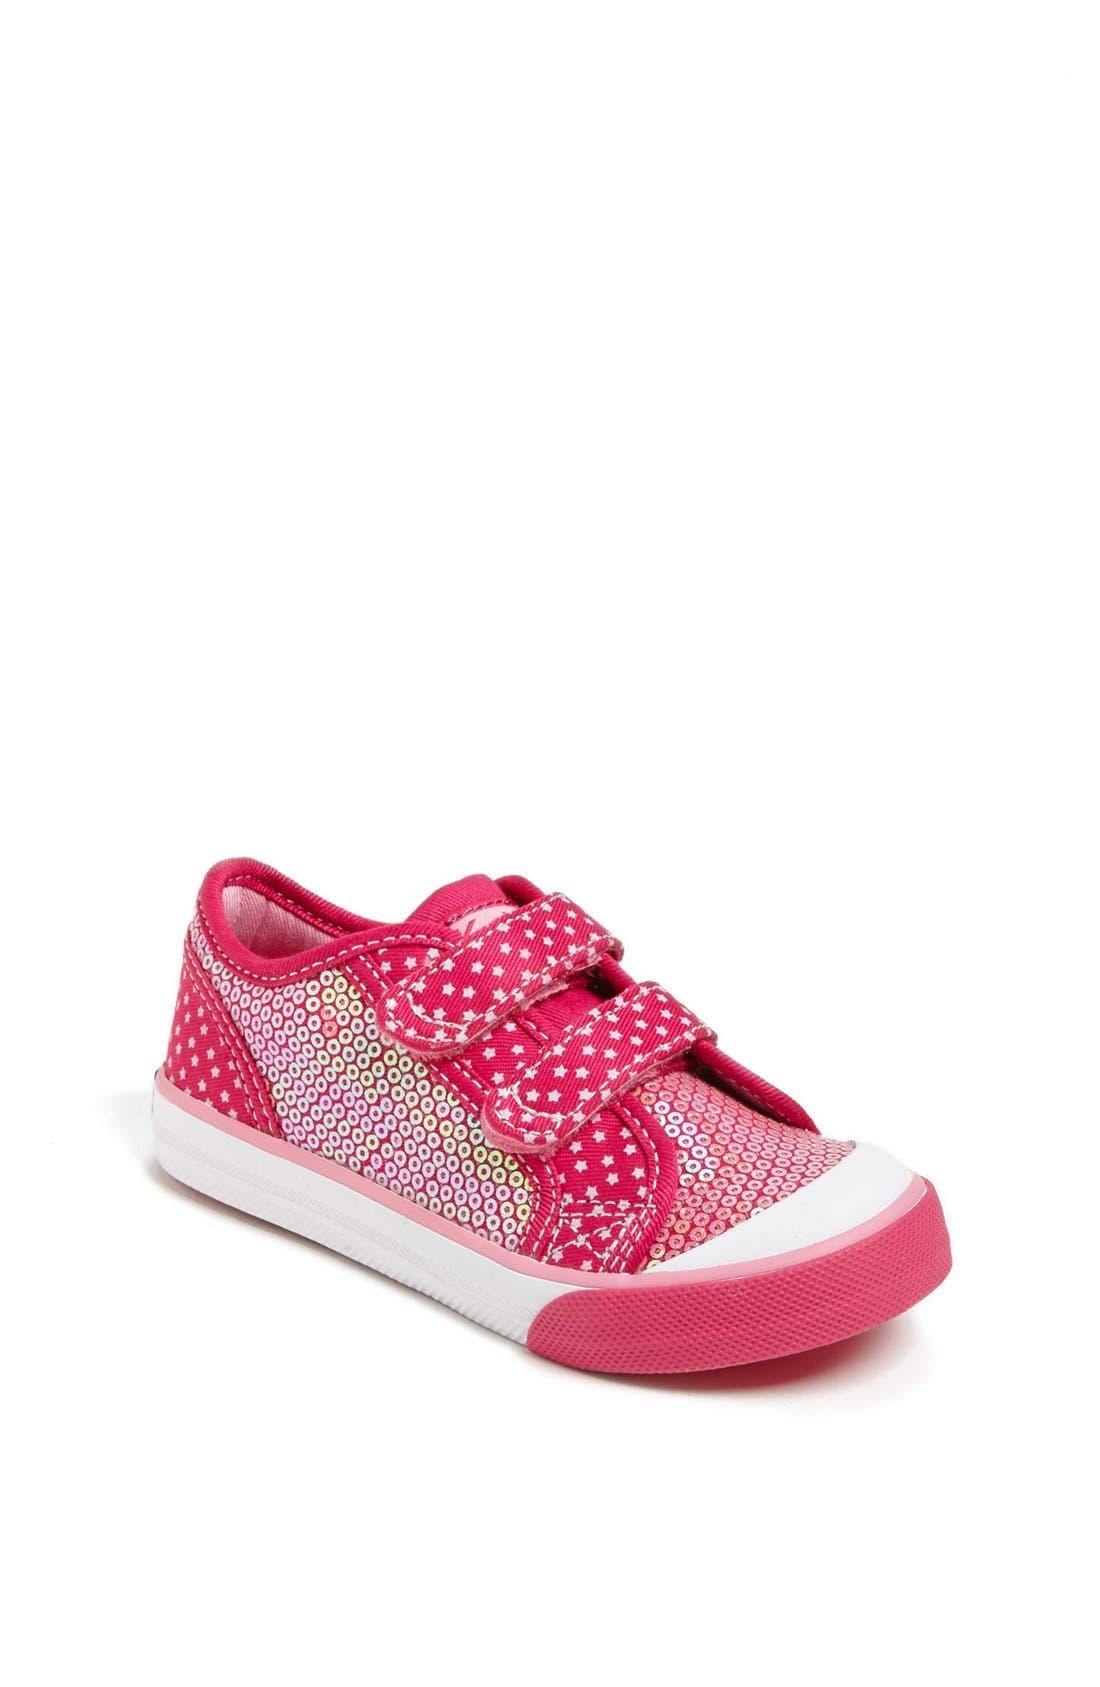 Alternate Image 1 Selected - Keds® 'Sparklynne' Sneaker (Walker & Toddler)